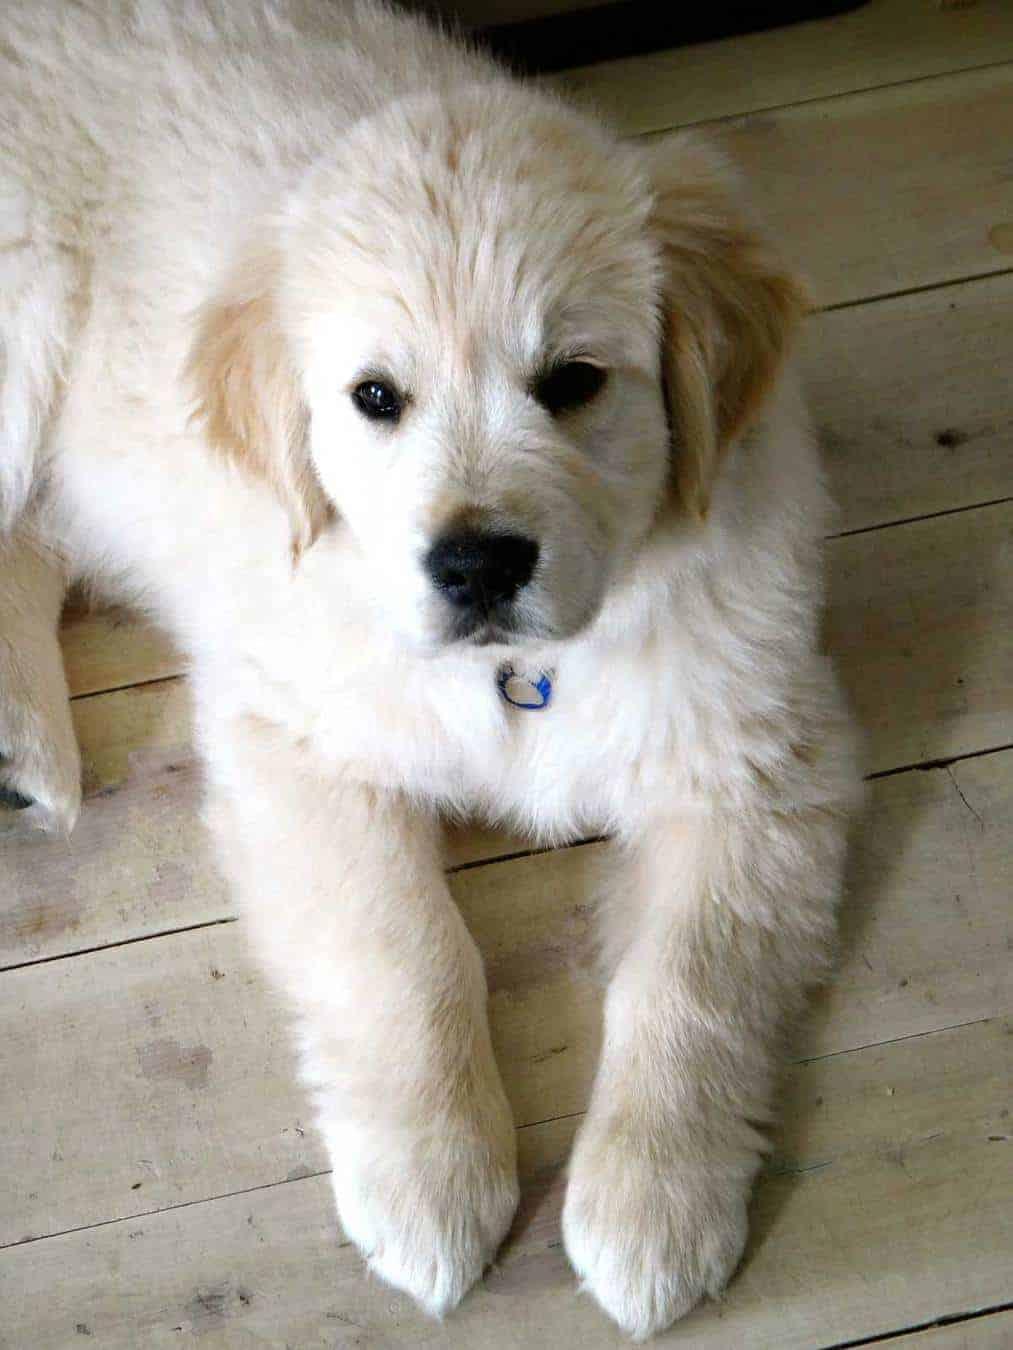 When Dozer was a puppy